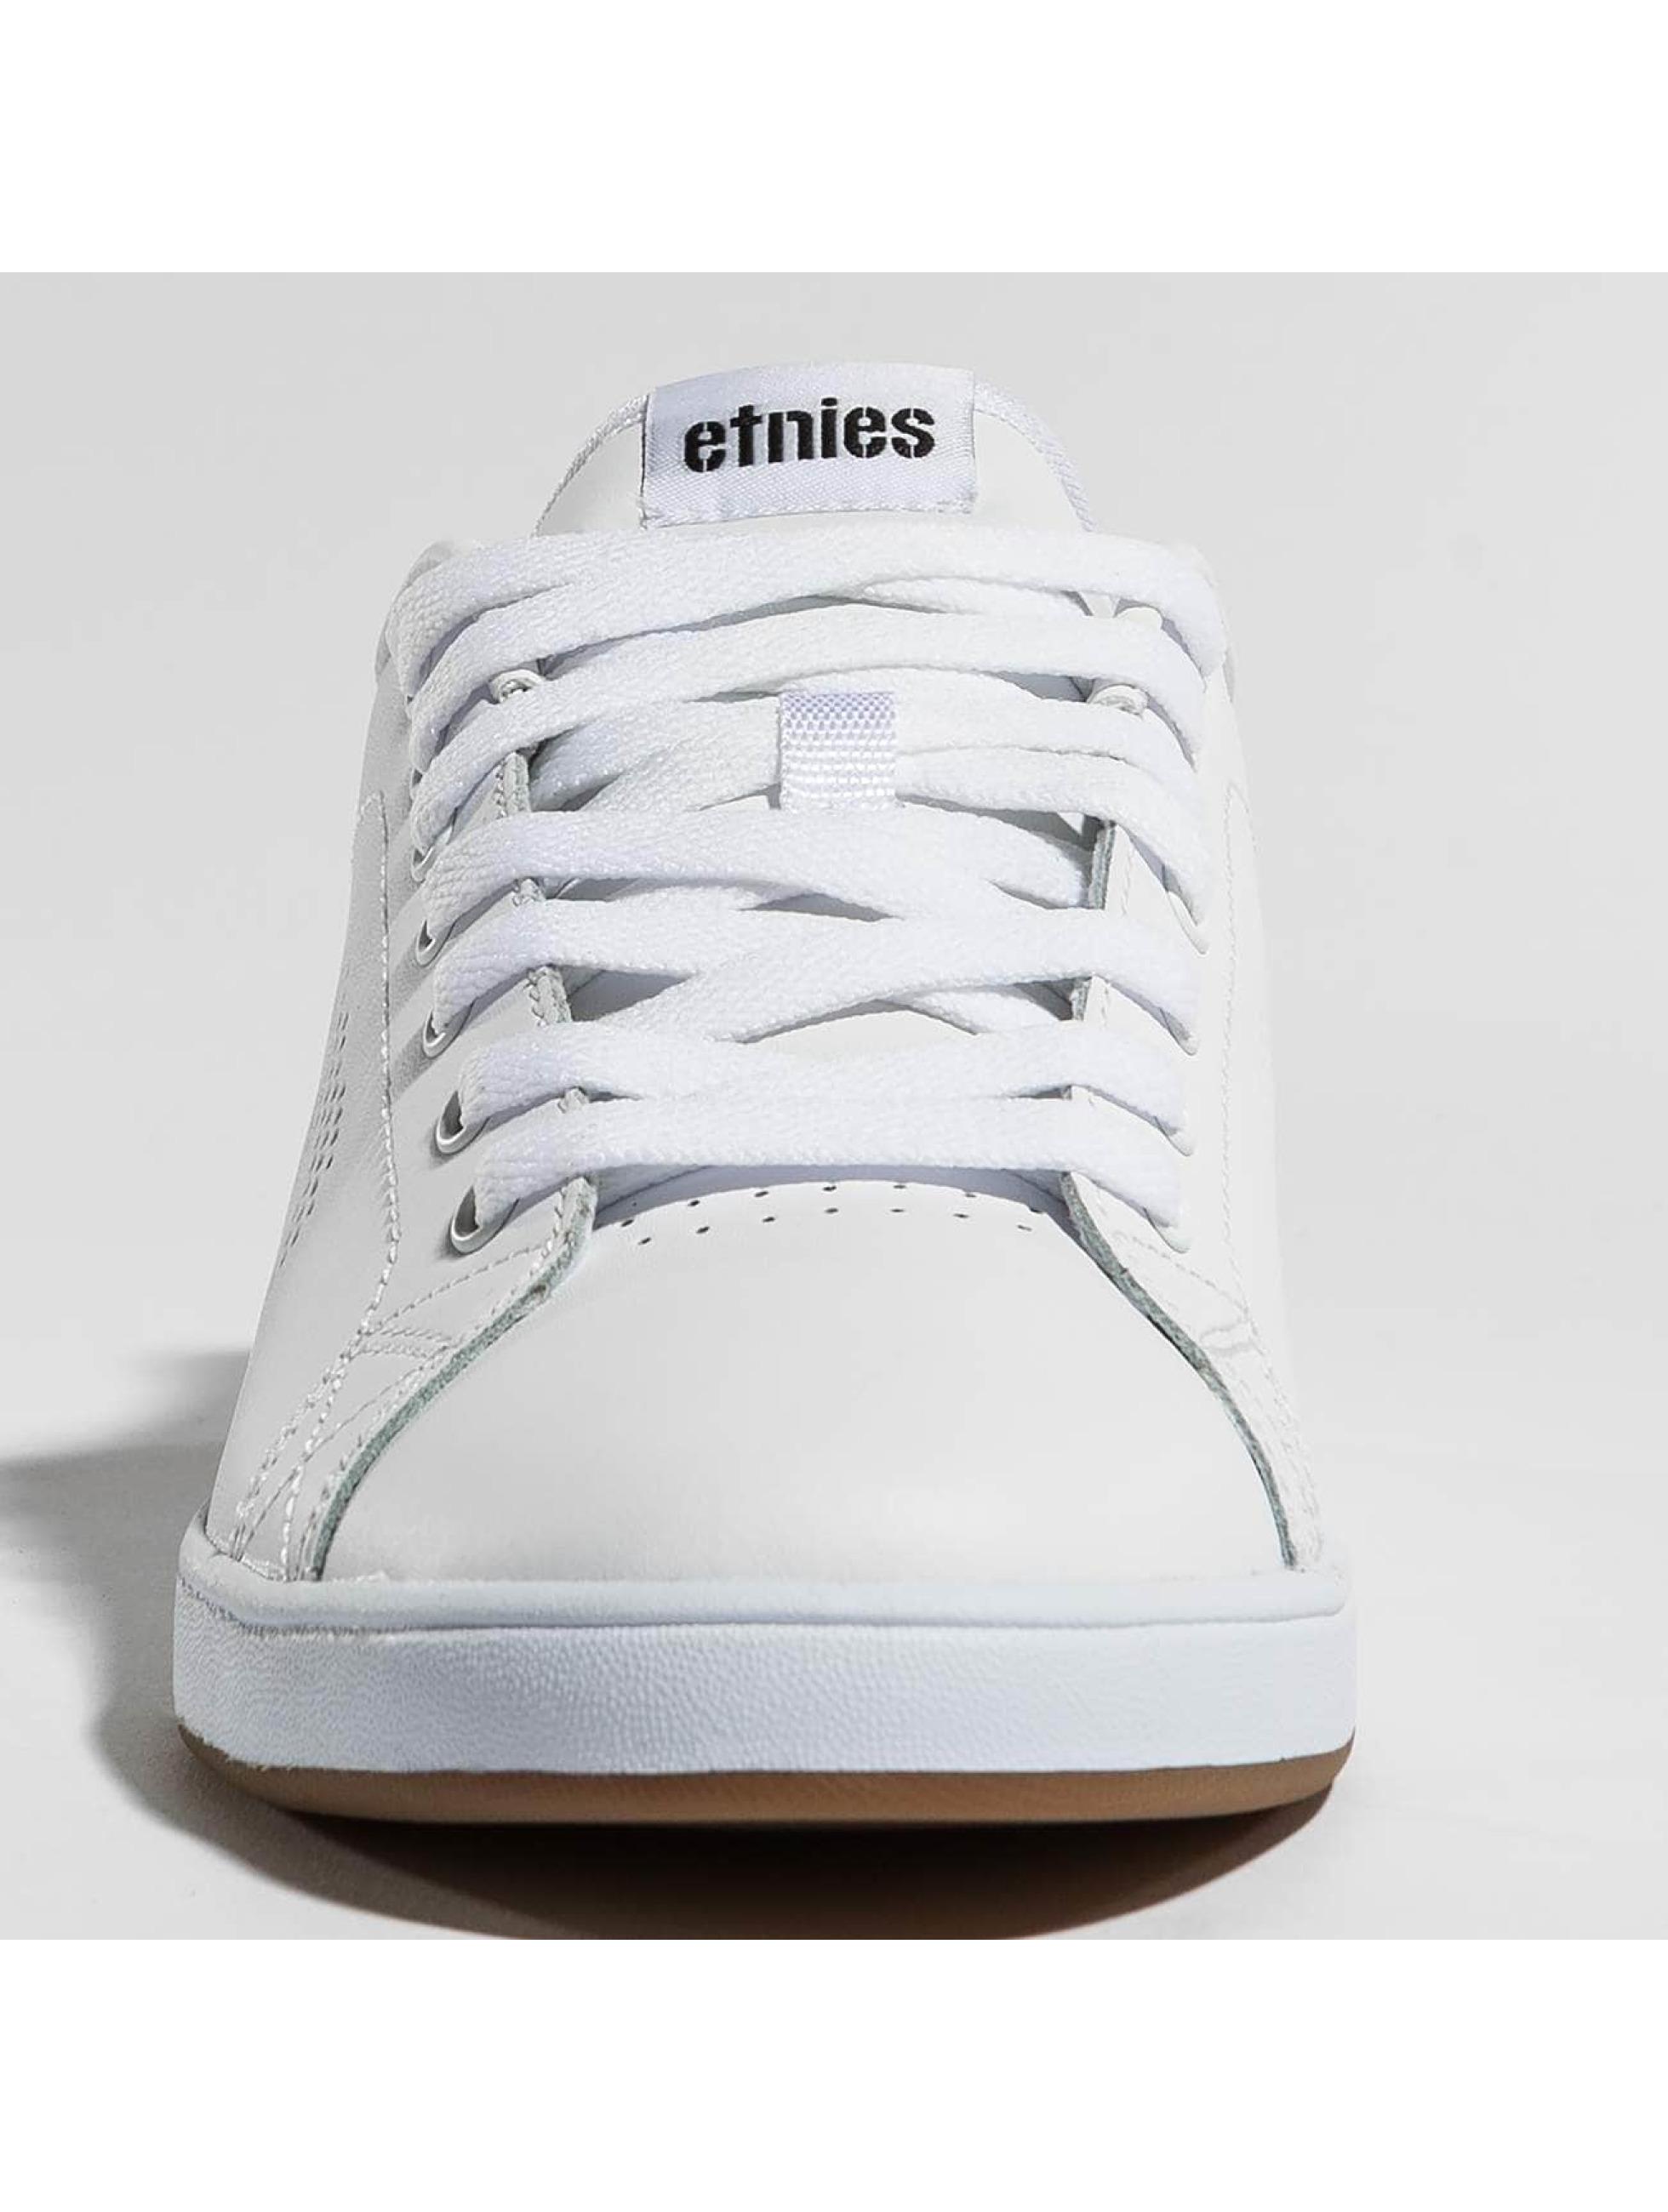 Etnies Zapatillas de deporte Callicut LS blanco